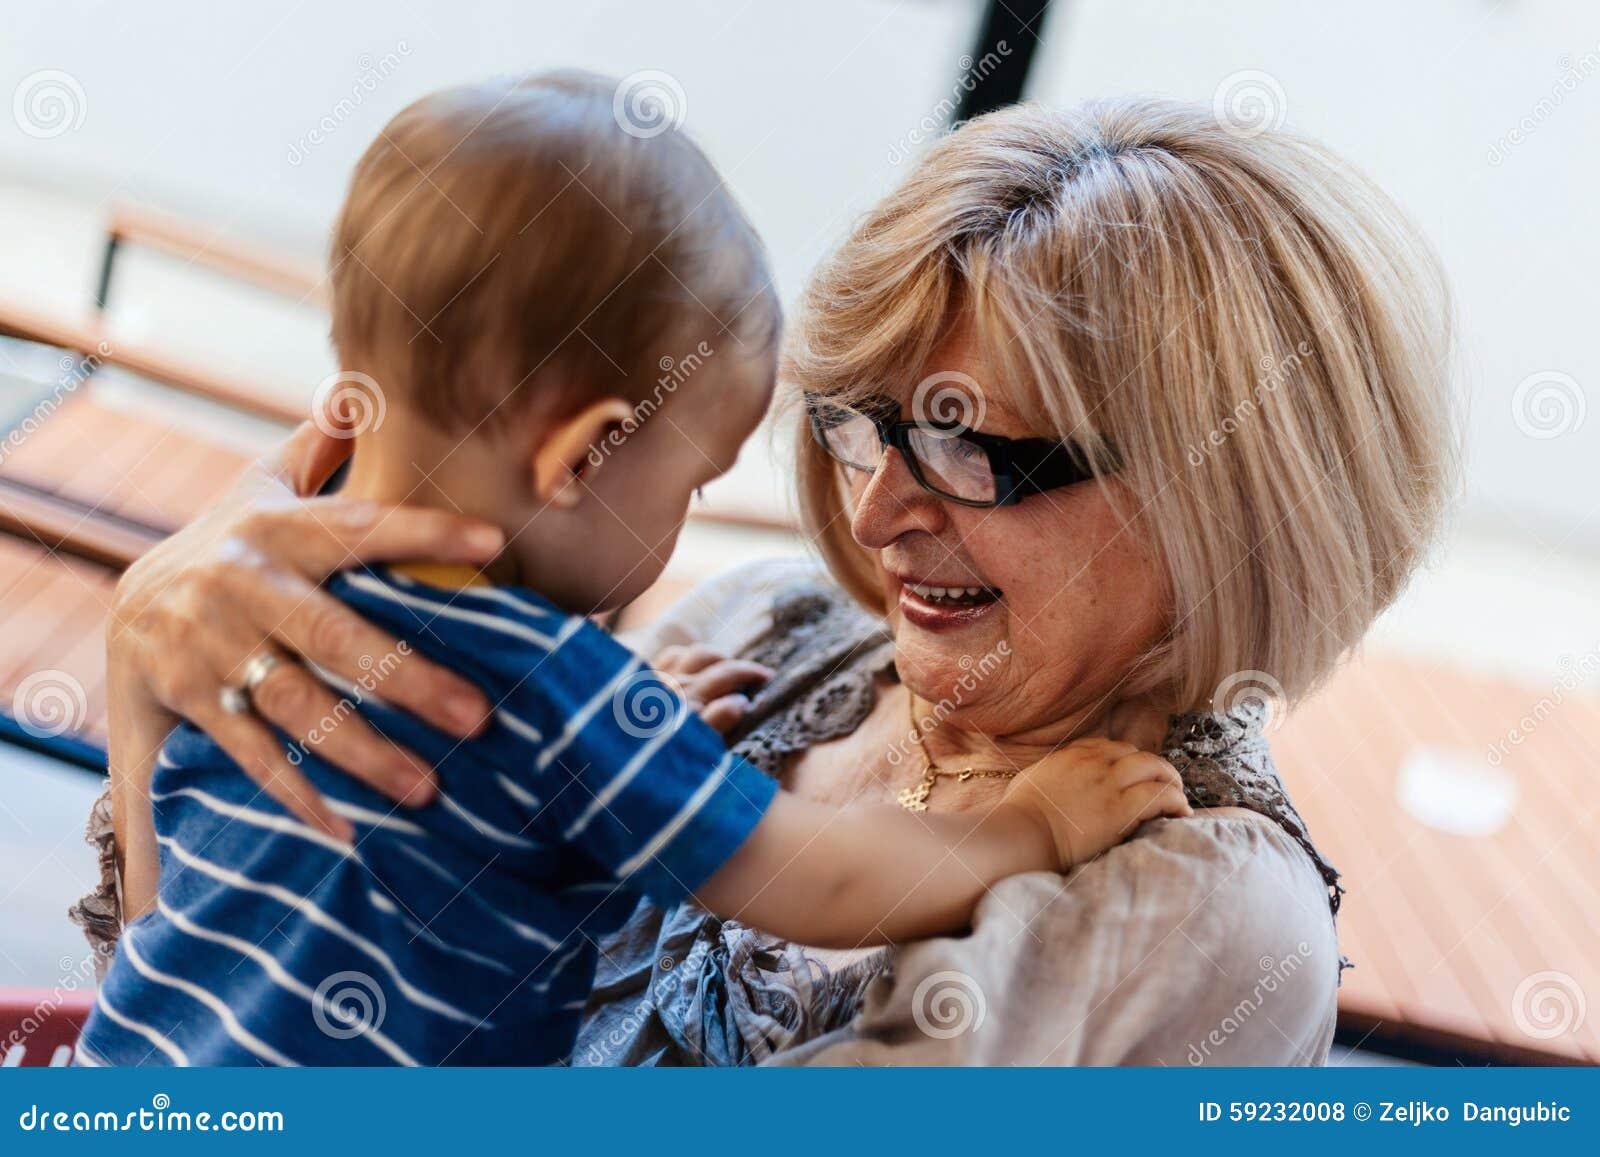 Download Abuela con su nieto foto de archivo. Imagen de bebé, niño - 59232008